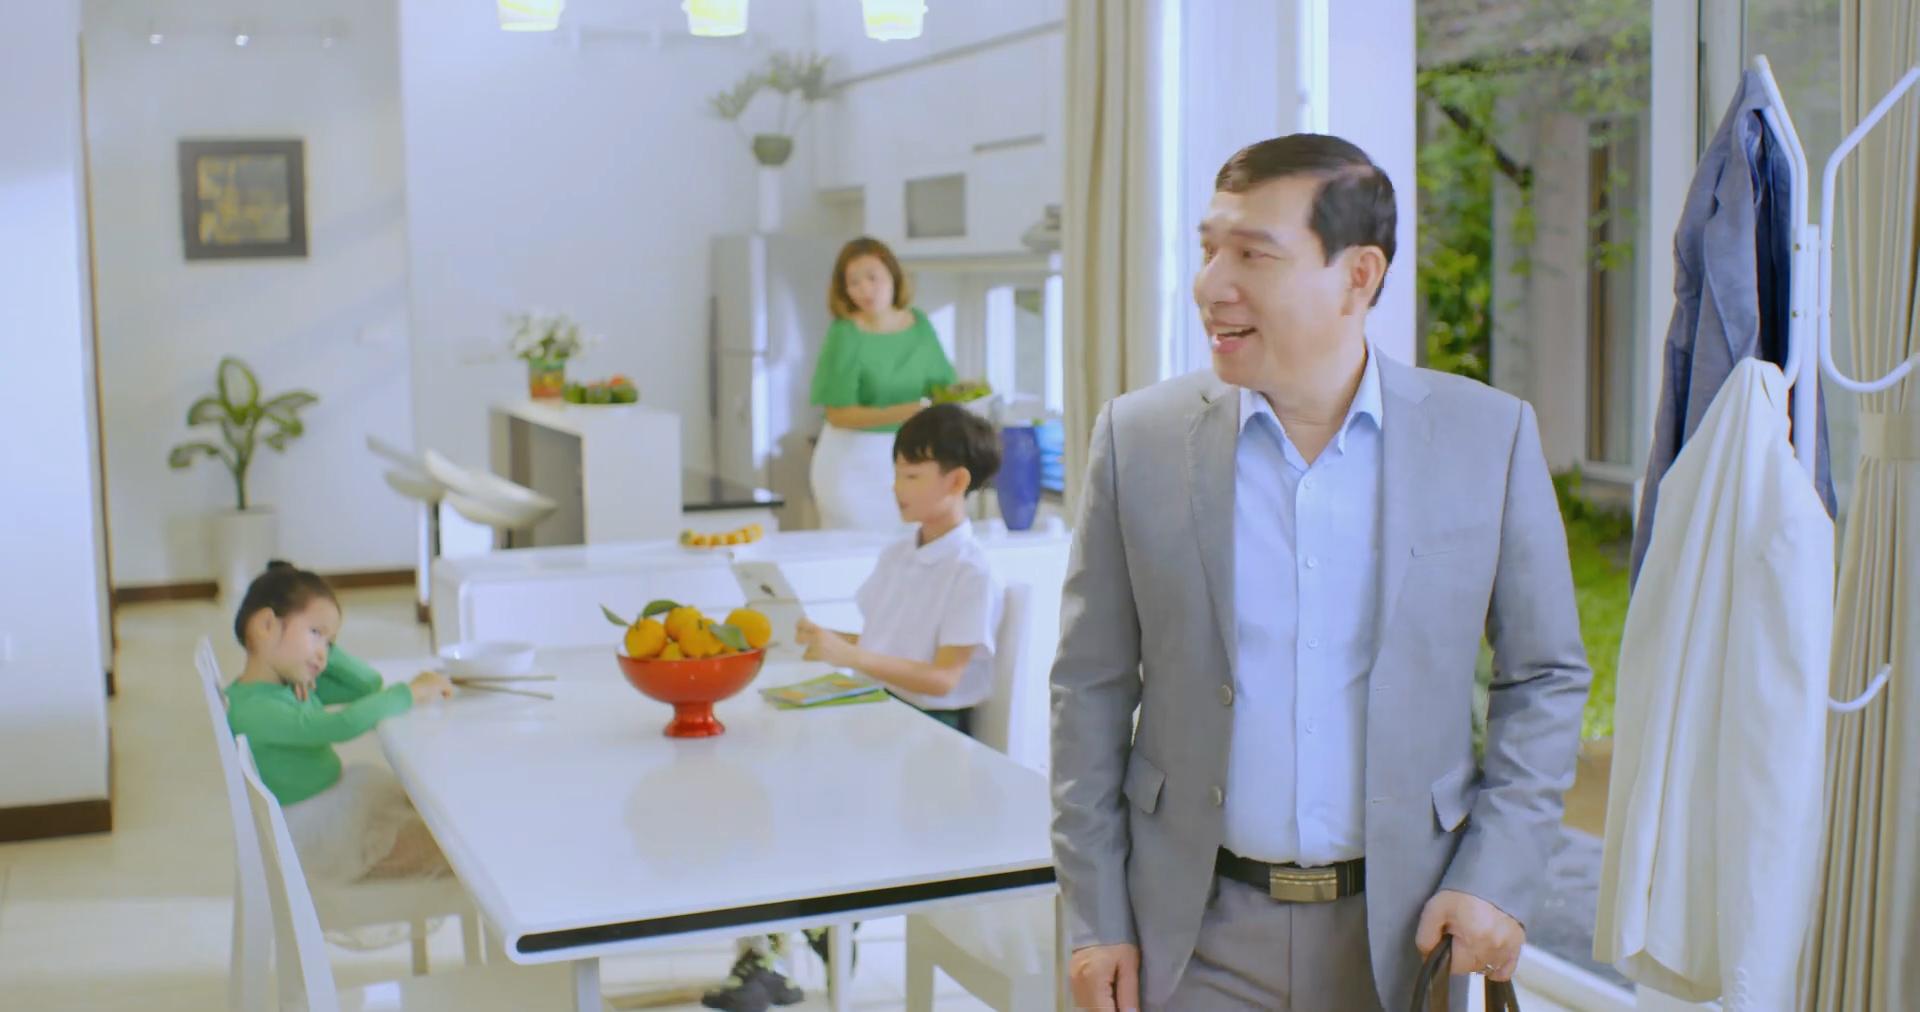 Diễn viên hài Quang Thắng - Thanh Hương làm TVC - Phim quảng cáo Gel Nano bạc Sao Thái Dương.00_00_00_07.Still001